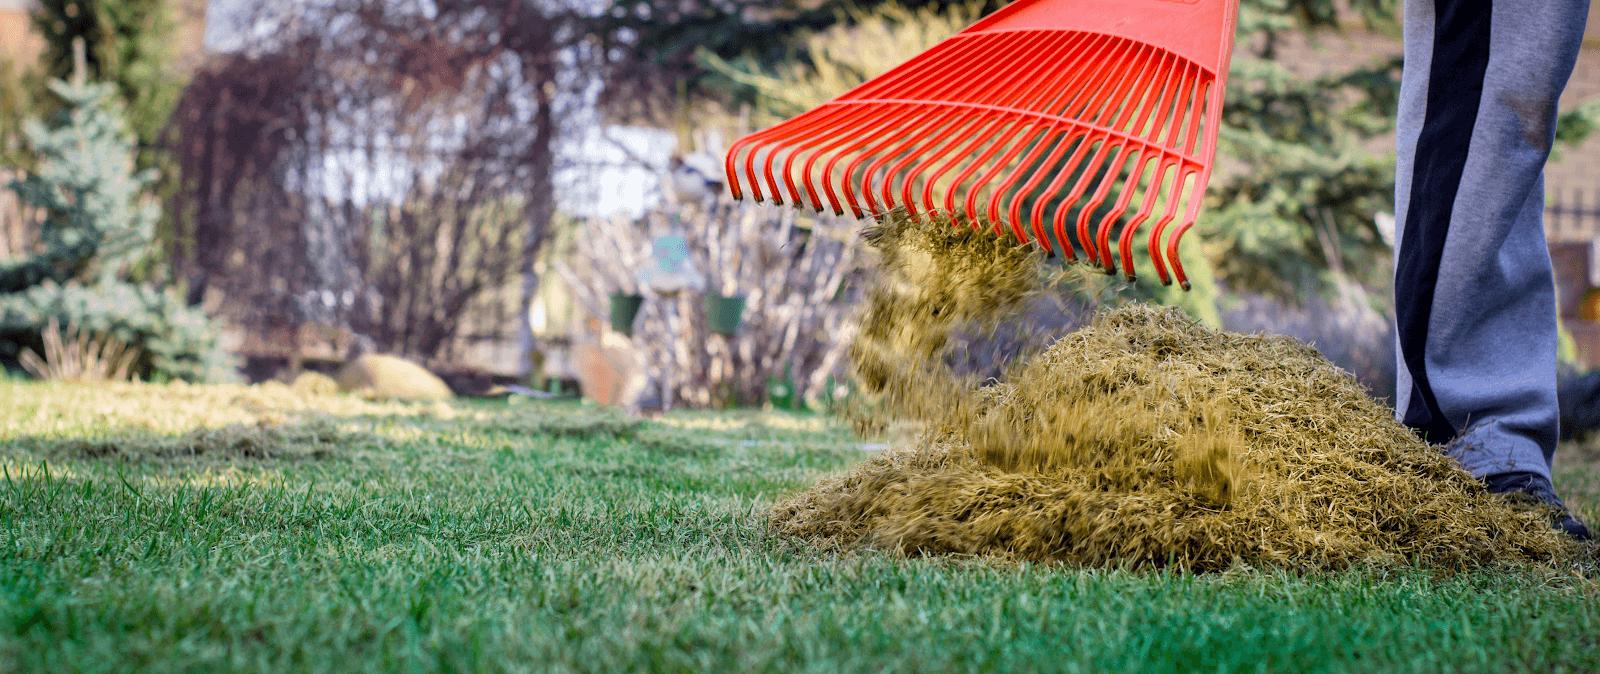 Dethatch your lawn | Landscape Improvements